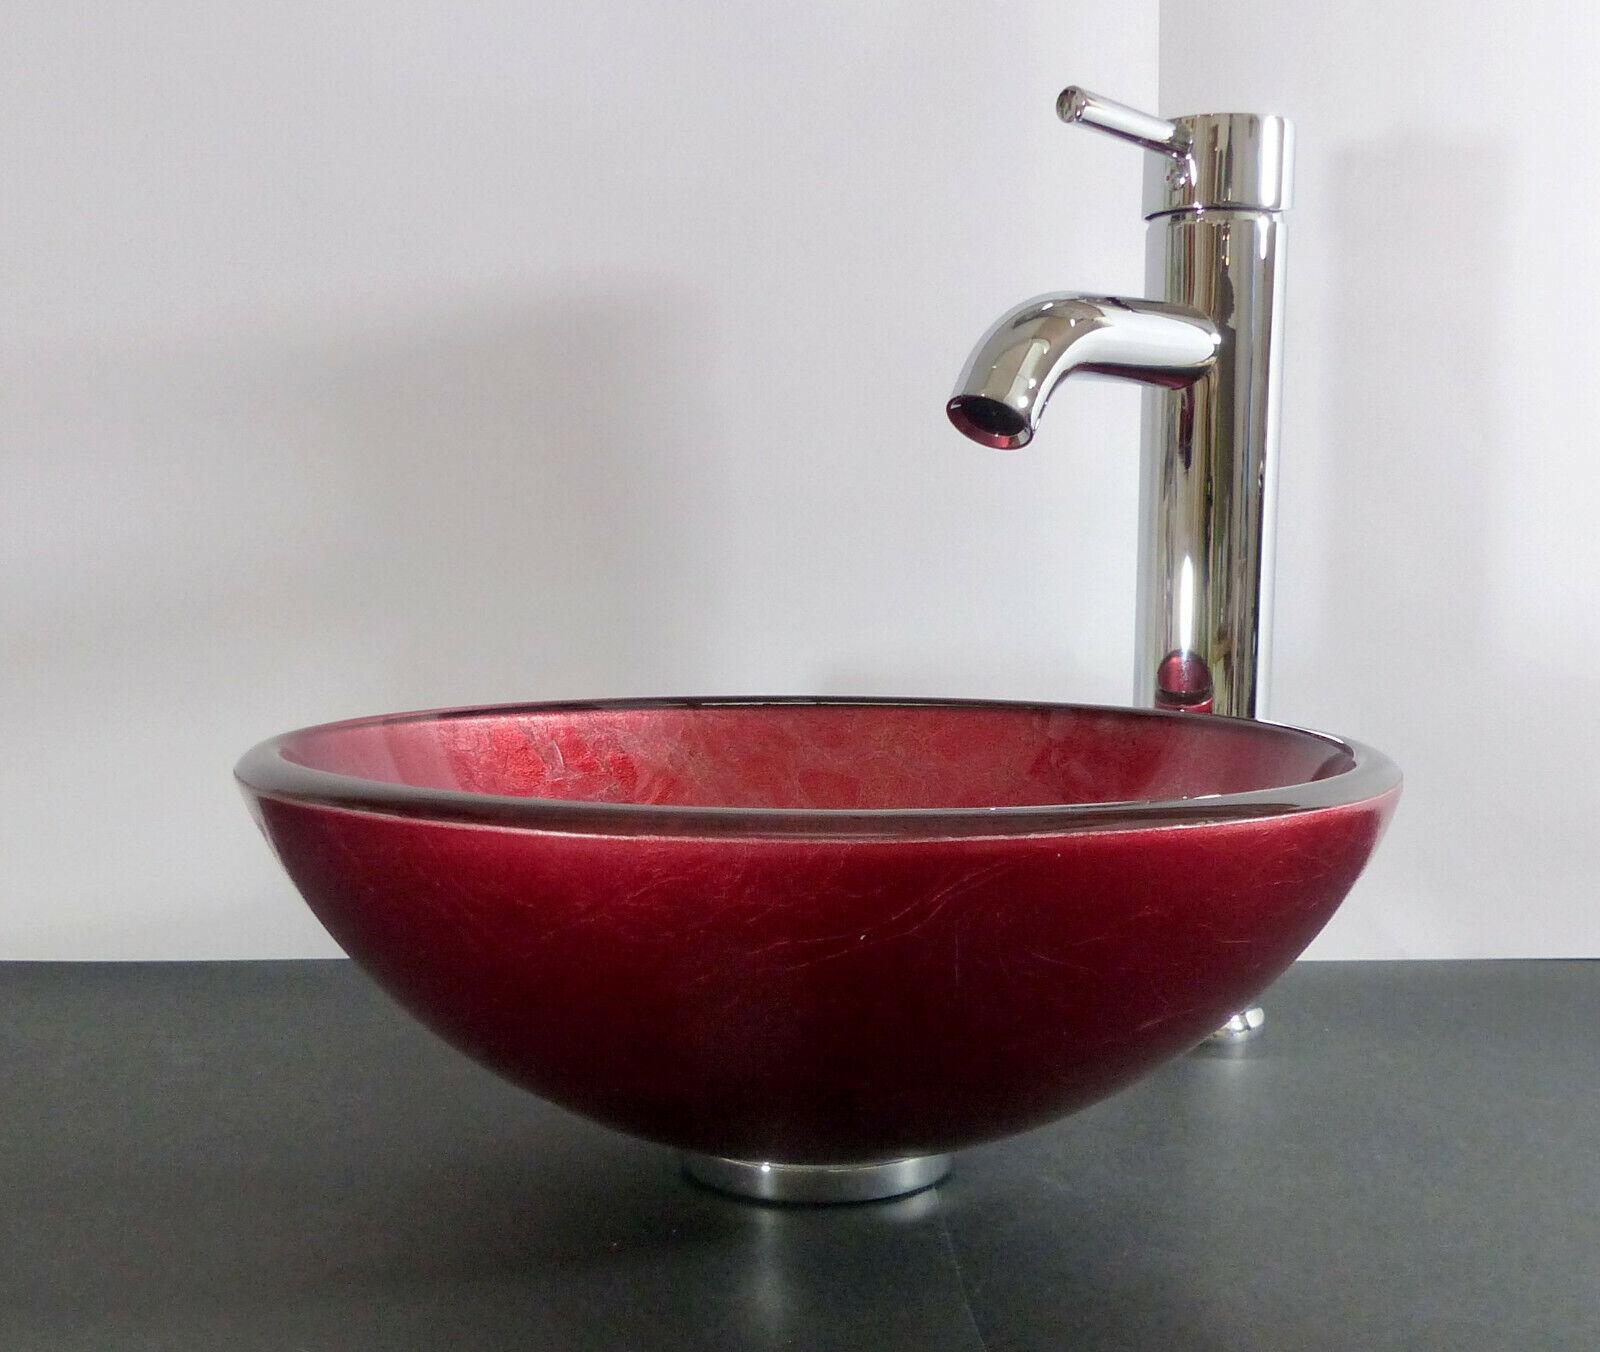 Aufsatz Glas Waschschale Waschbecken Waschtisch klein rot rund Wohnmobil Bad WC